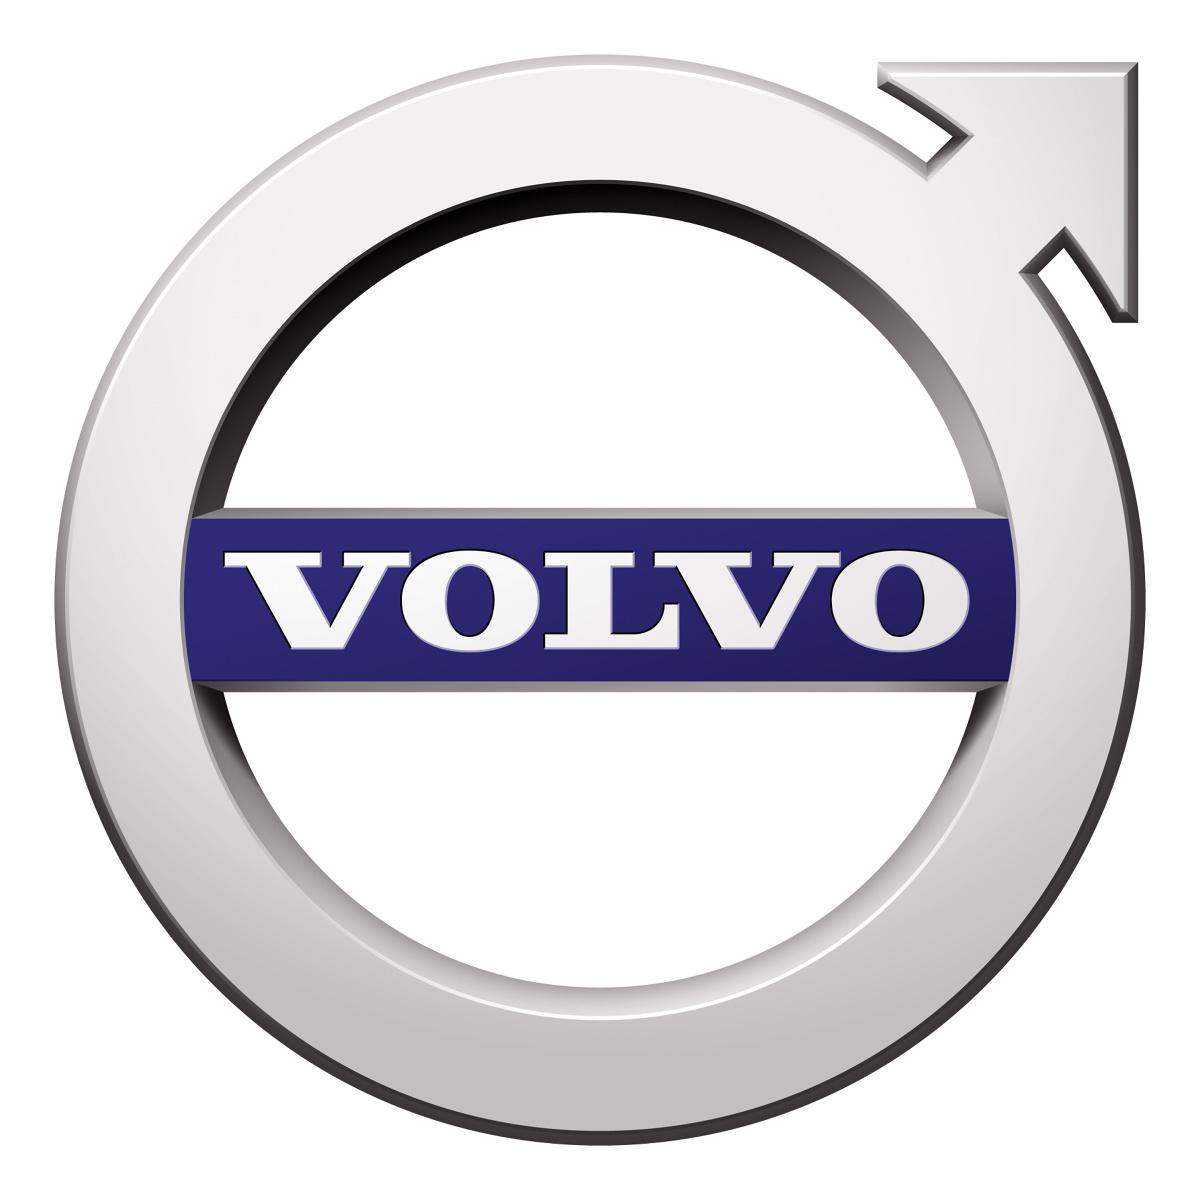 """Po tym jak na początku tego miesiąca, firma Volvo zapowiedziała wprowadzenie na wyposażenie seryjne swoich aut od roku 2021 ogranicznika prędkości maksymalnej do 180 km/h, co wywołało wręcz medialną burzę, Volvo poszło za pierwszym dość """"nokautującym"""" uderzeniem i zapowiedziało – To jeszcze nie koniec! Chcemy wprowadzić kolejne elementy wyposażenia, które mają ograniczyć liczbę wypadków!  Fot. Volvo"""